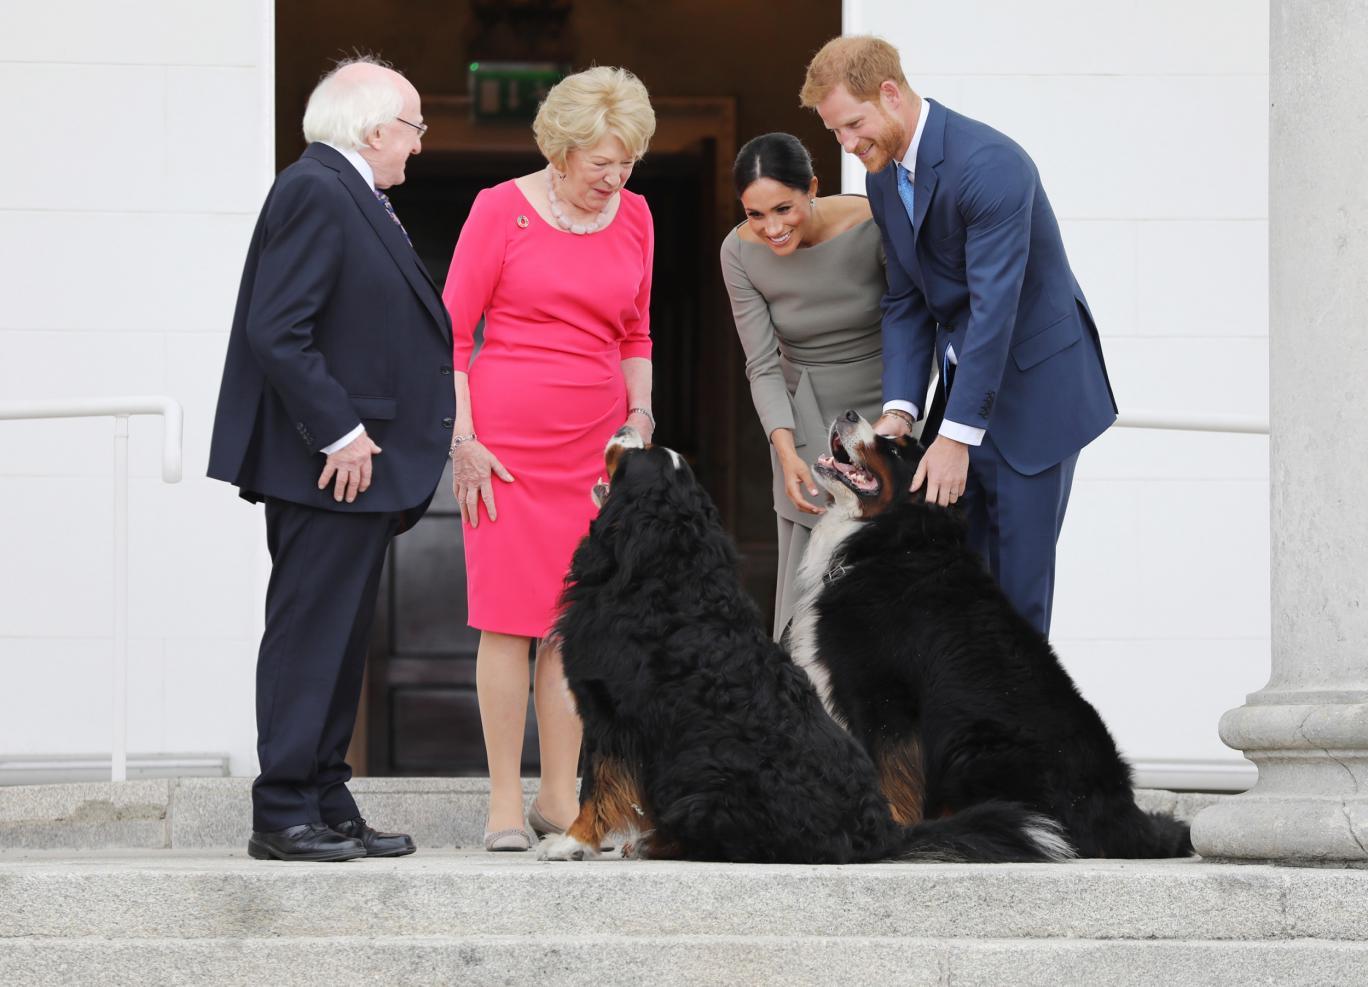 На фото — президент Ирландии Майкла Хиггинс, его жена и питомцы Брод и Мисних встречаются с принцем Гарри и Меган Маркл. Источник — Reddit.